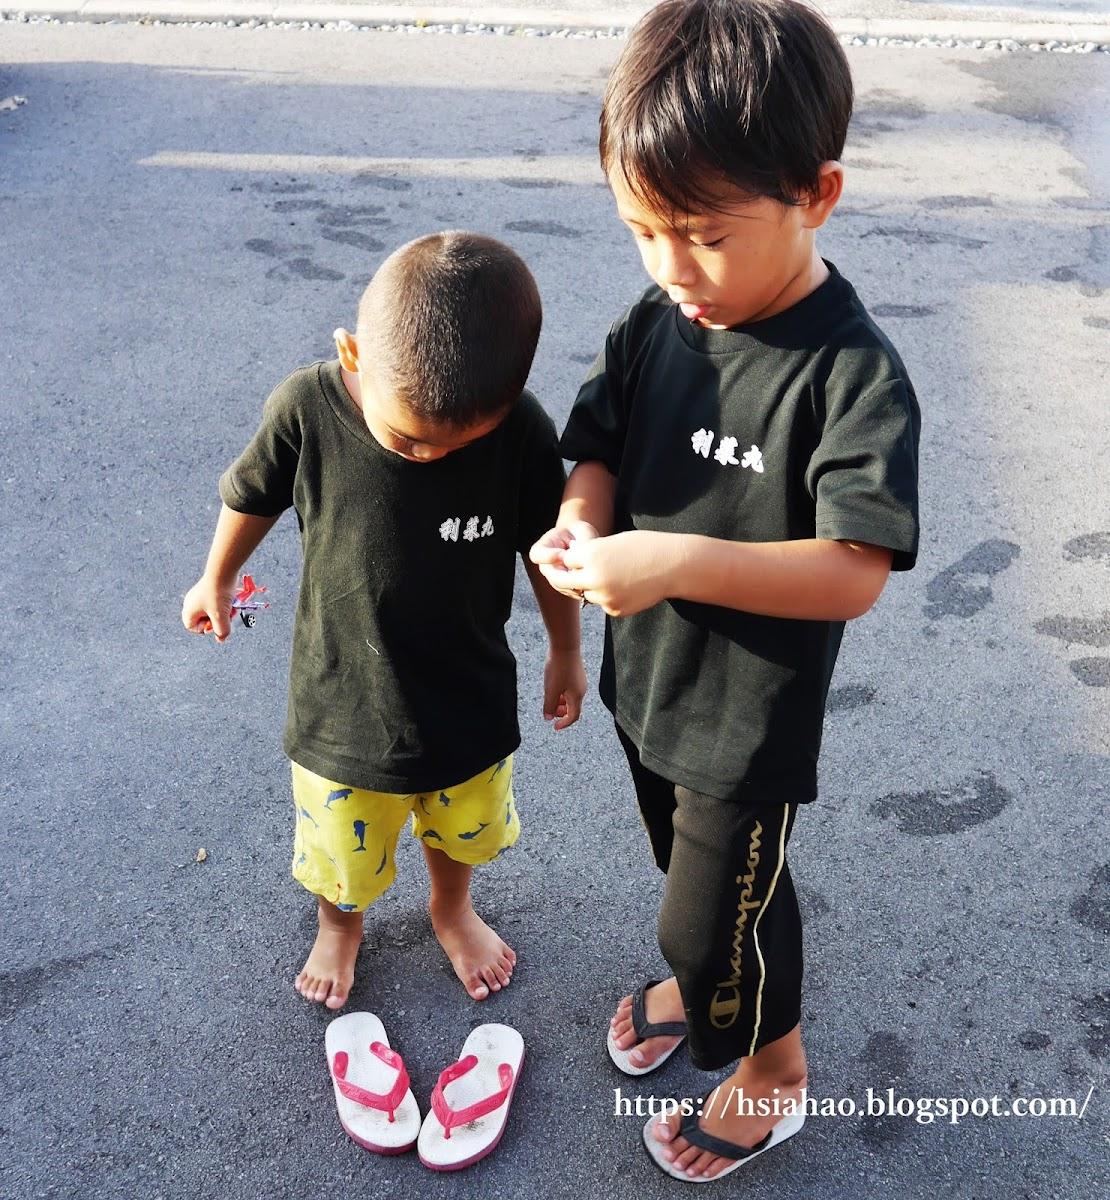 沖繩-小孩-小朋友-兒童-子供-景點-奧武島-祭典-うみんちゅ祭り-自由行-旅遊-Okinawa-Ō-jima-Oo-zima